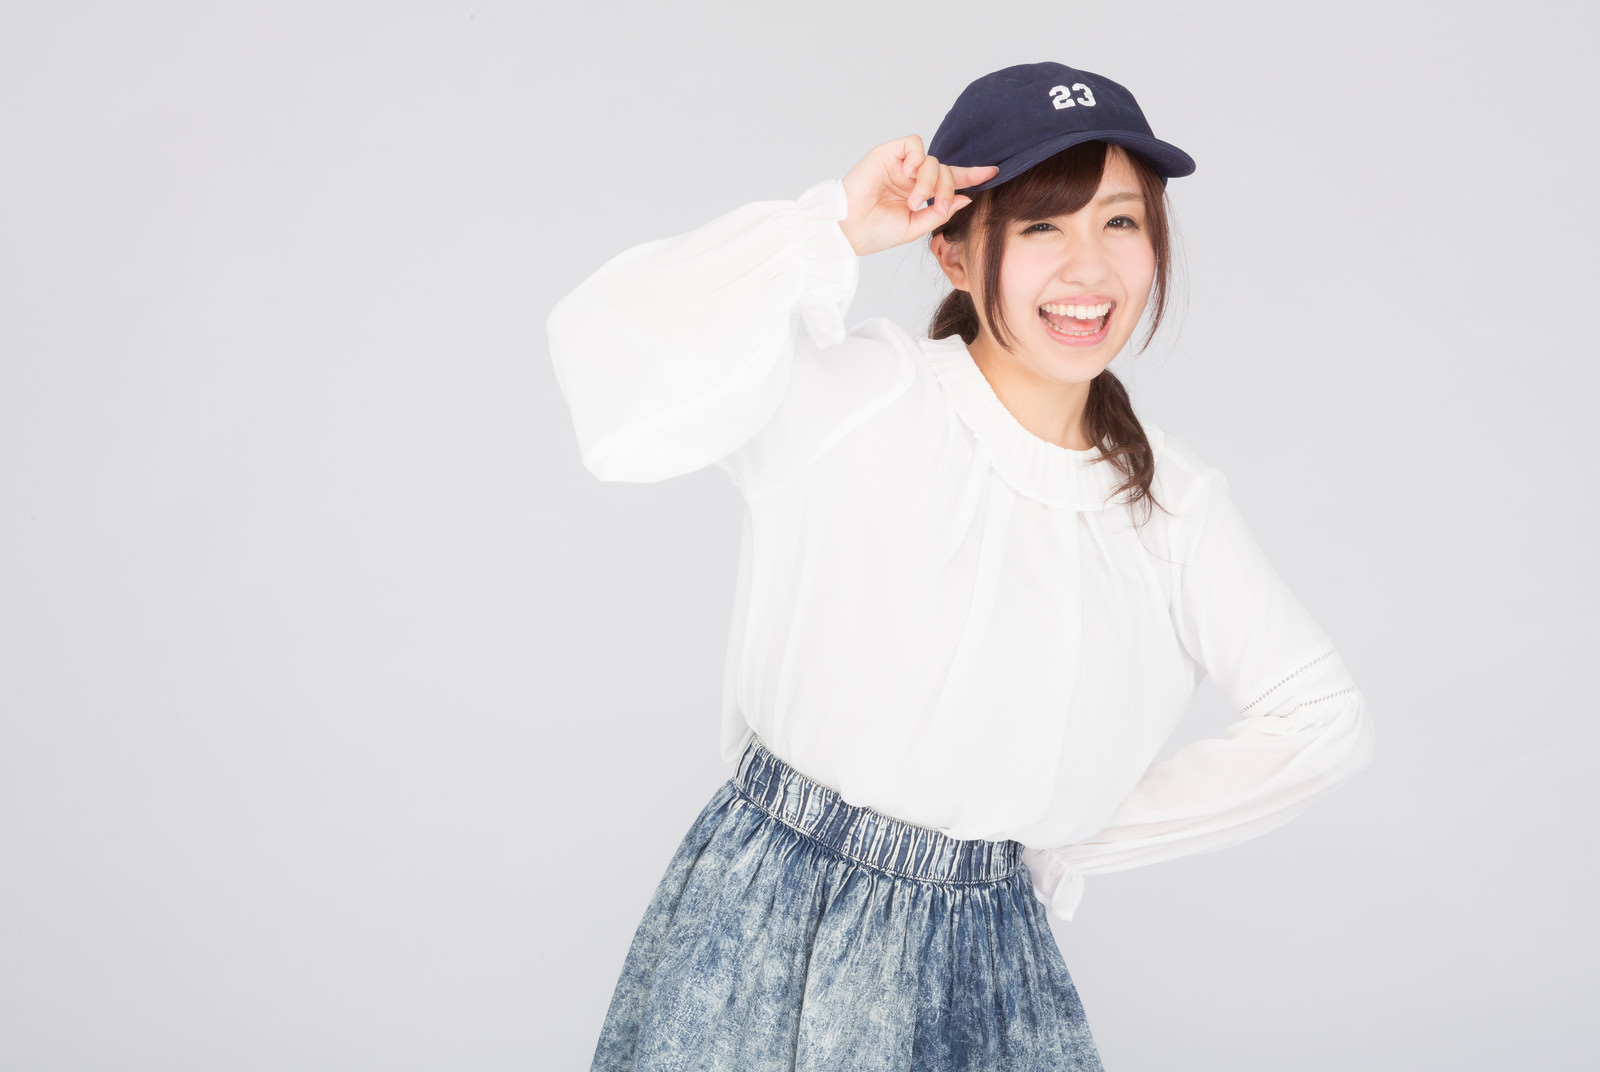 kawamura20160818235914_TP_V-cute-yuka.jpg